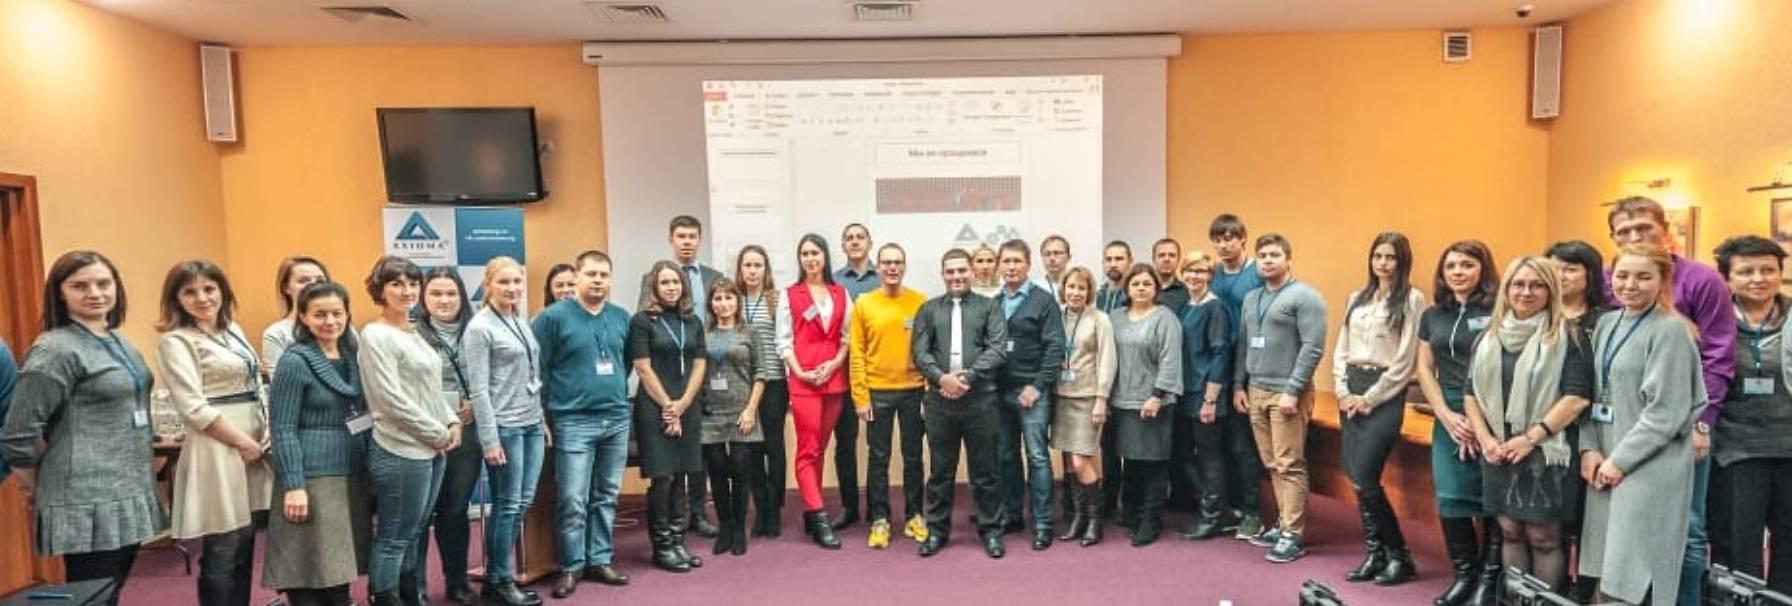 Стоматологический форум в г. Владимир